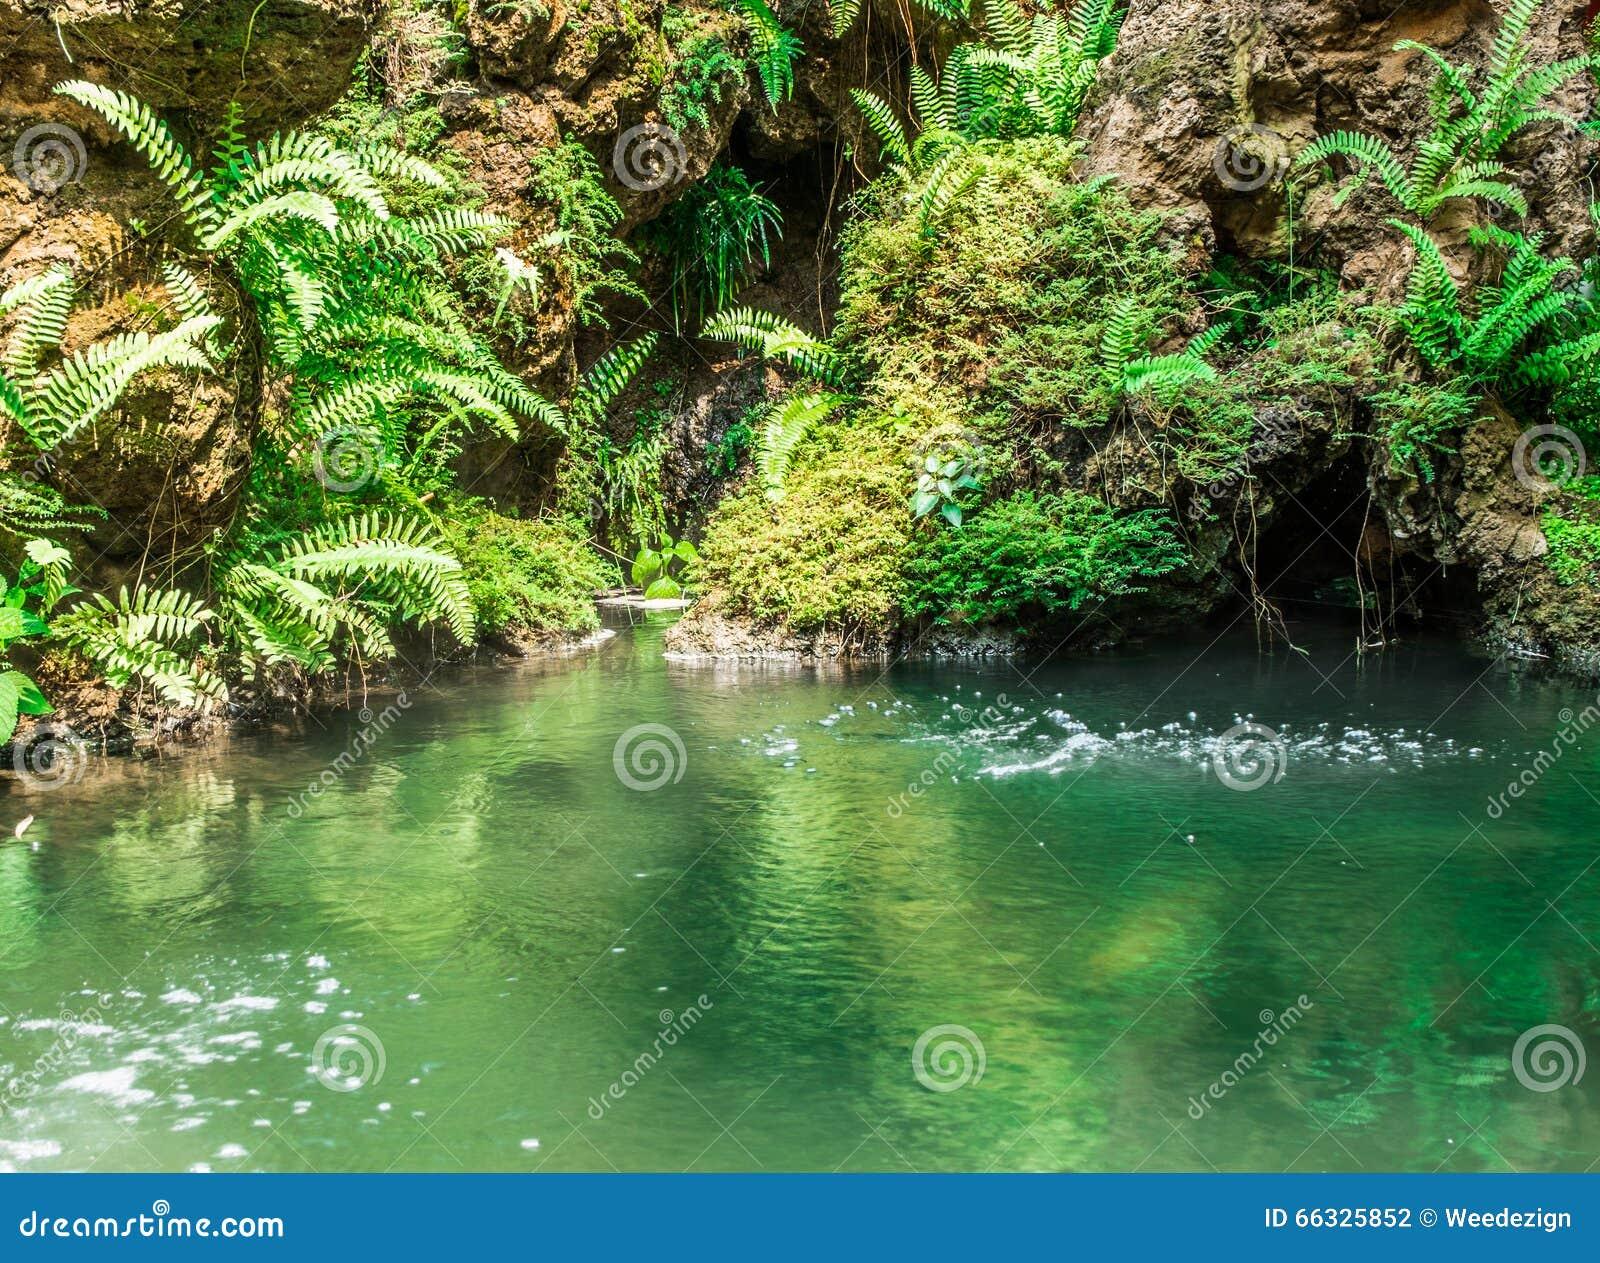 Wasserfall mit teich im garten stockfoto bild von - Garten wasserfall ...